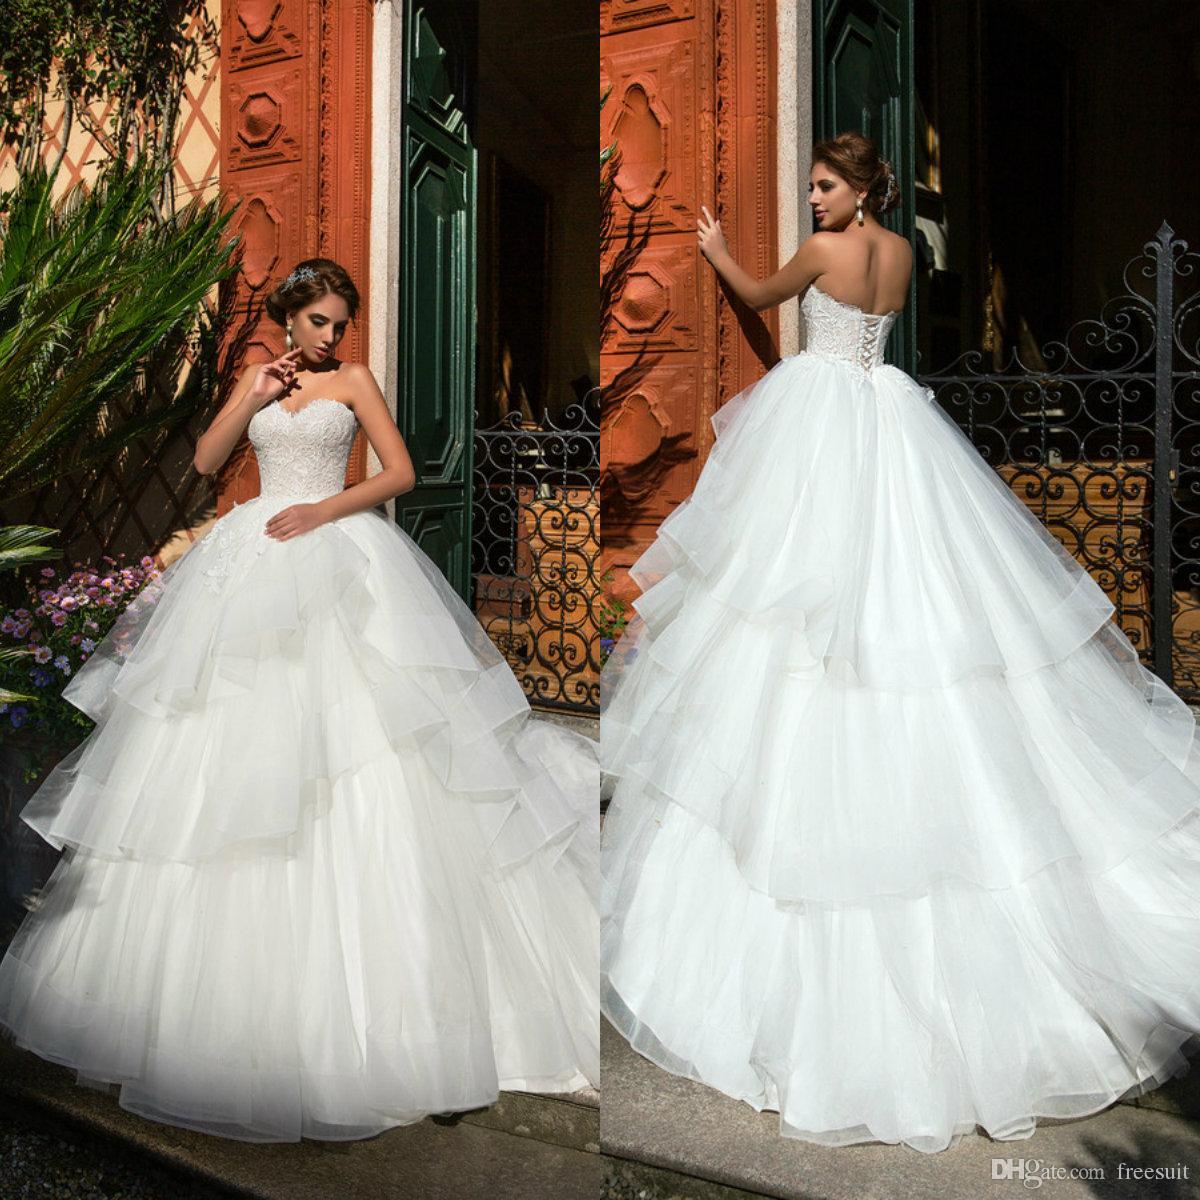 2020 robes de mariée salles de bal sheetheeart des niveaux appliqués Niveaux Backless Cascading Ruffle balayer Robes de mariée sur mesure Robes de mariée